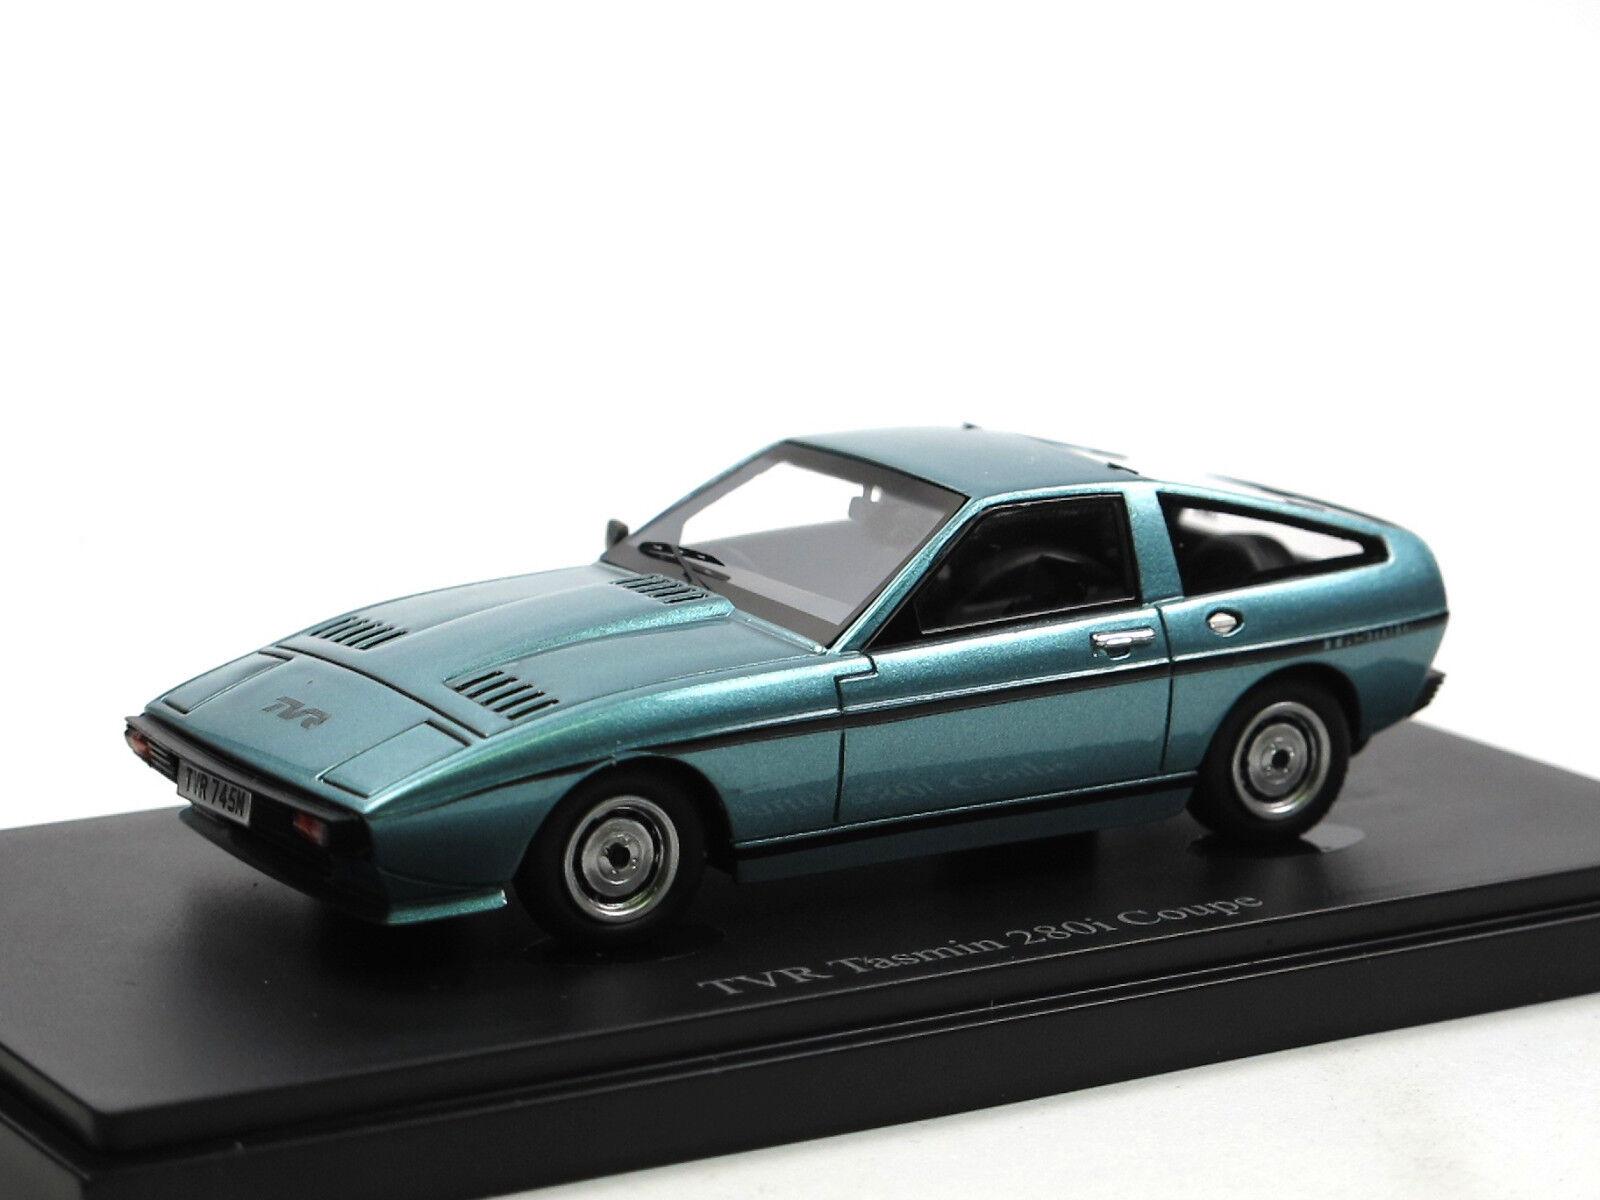 Autocult 02010 1980 tvr tasmin coupé sportwagen blau metallic - 1   43